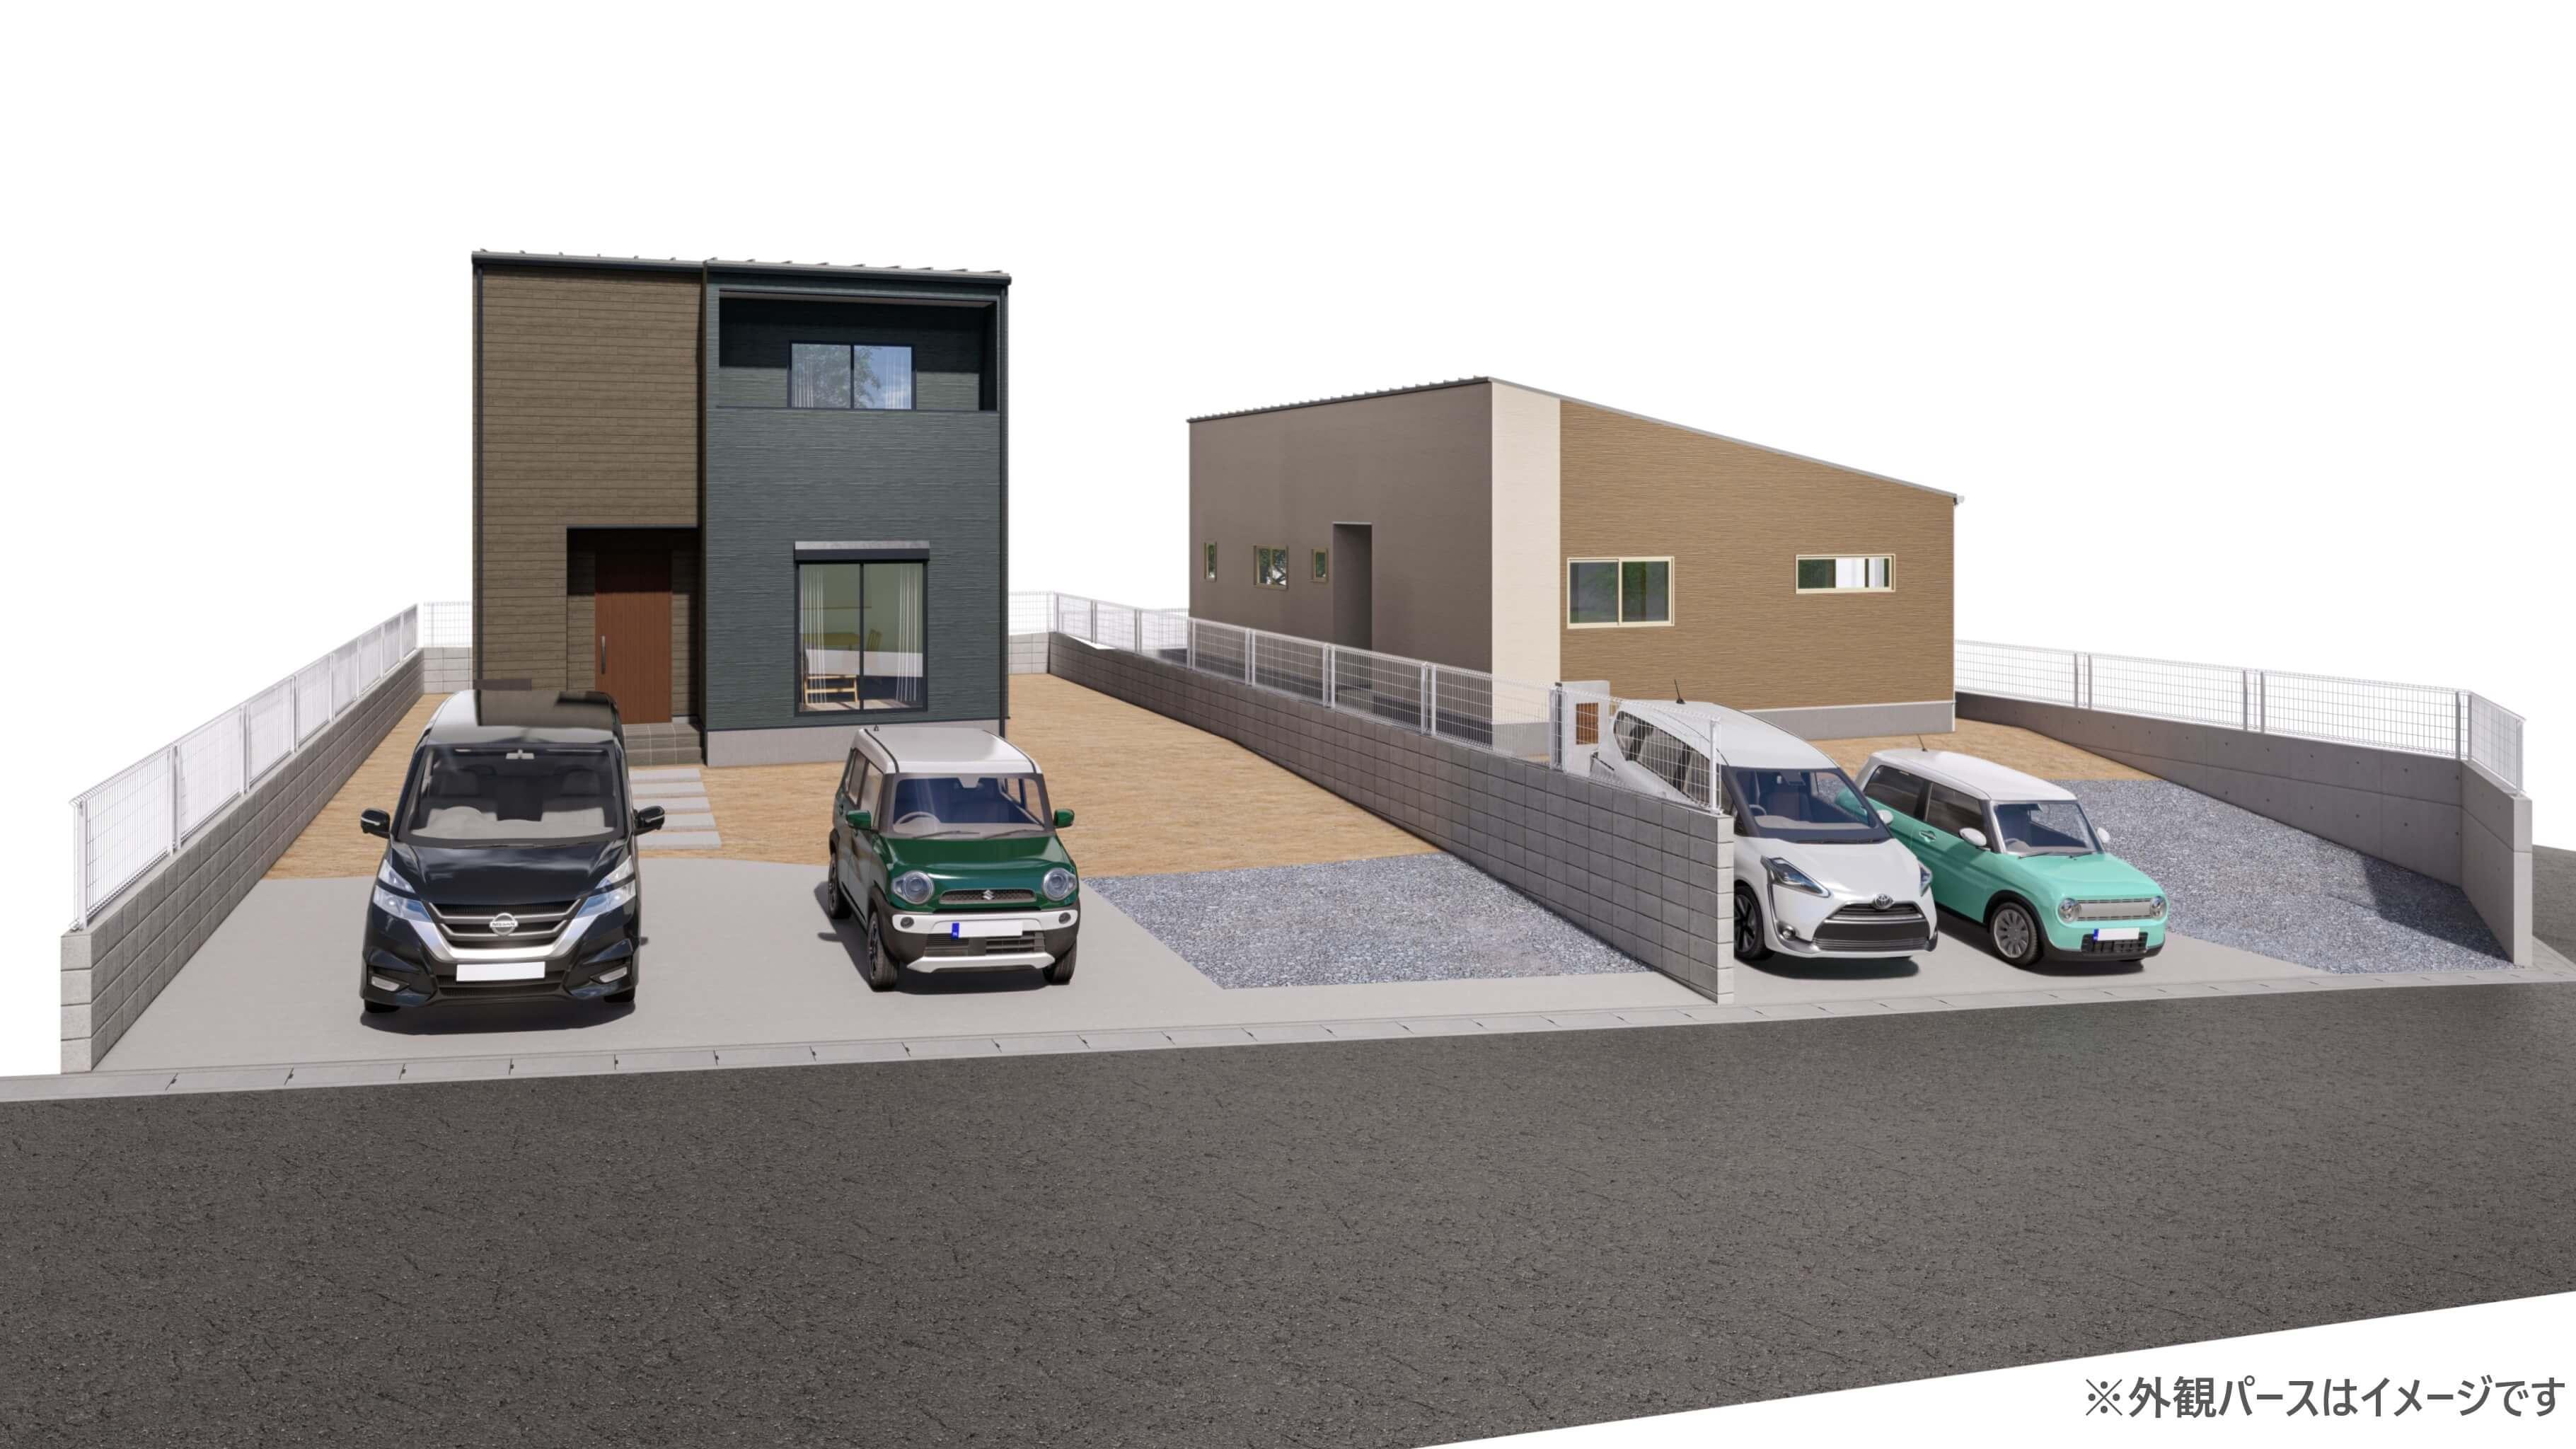 暮らしやすさを考えた4LDK・平屋の新築一戸建て誕生! 並列駐車3台可能です♪ ☆完成前成約特典あり☆